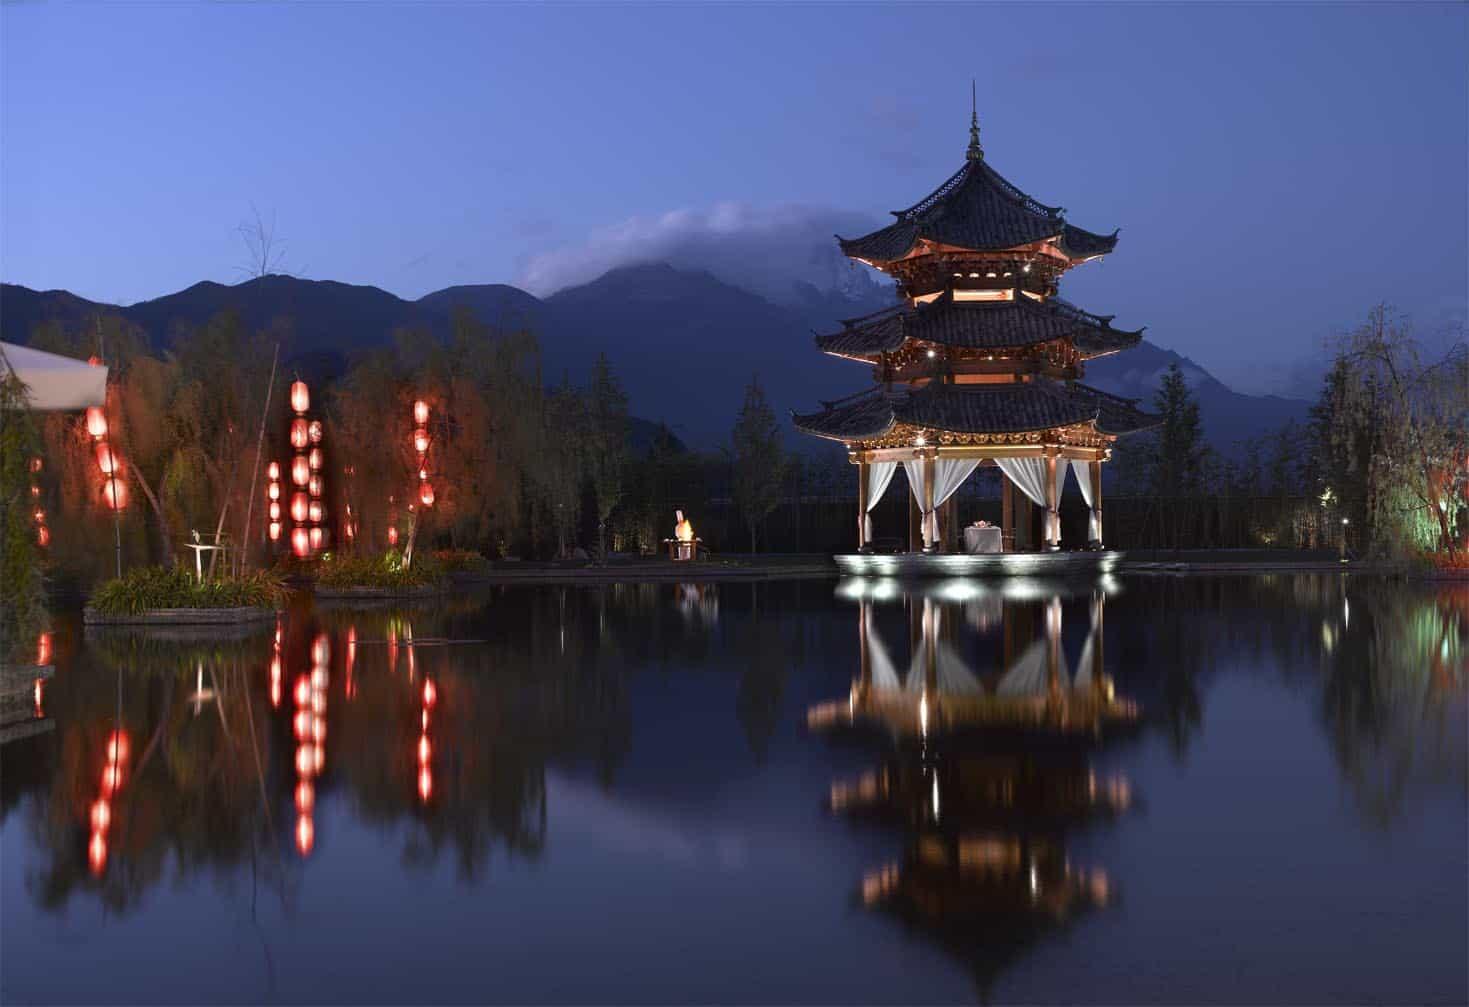 Banyan Tree Lijiang Resort in Lijiang, China